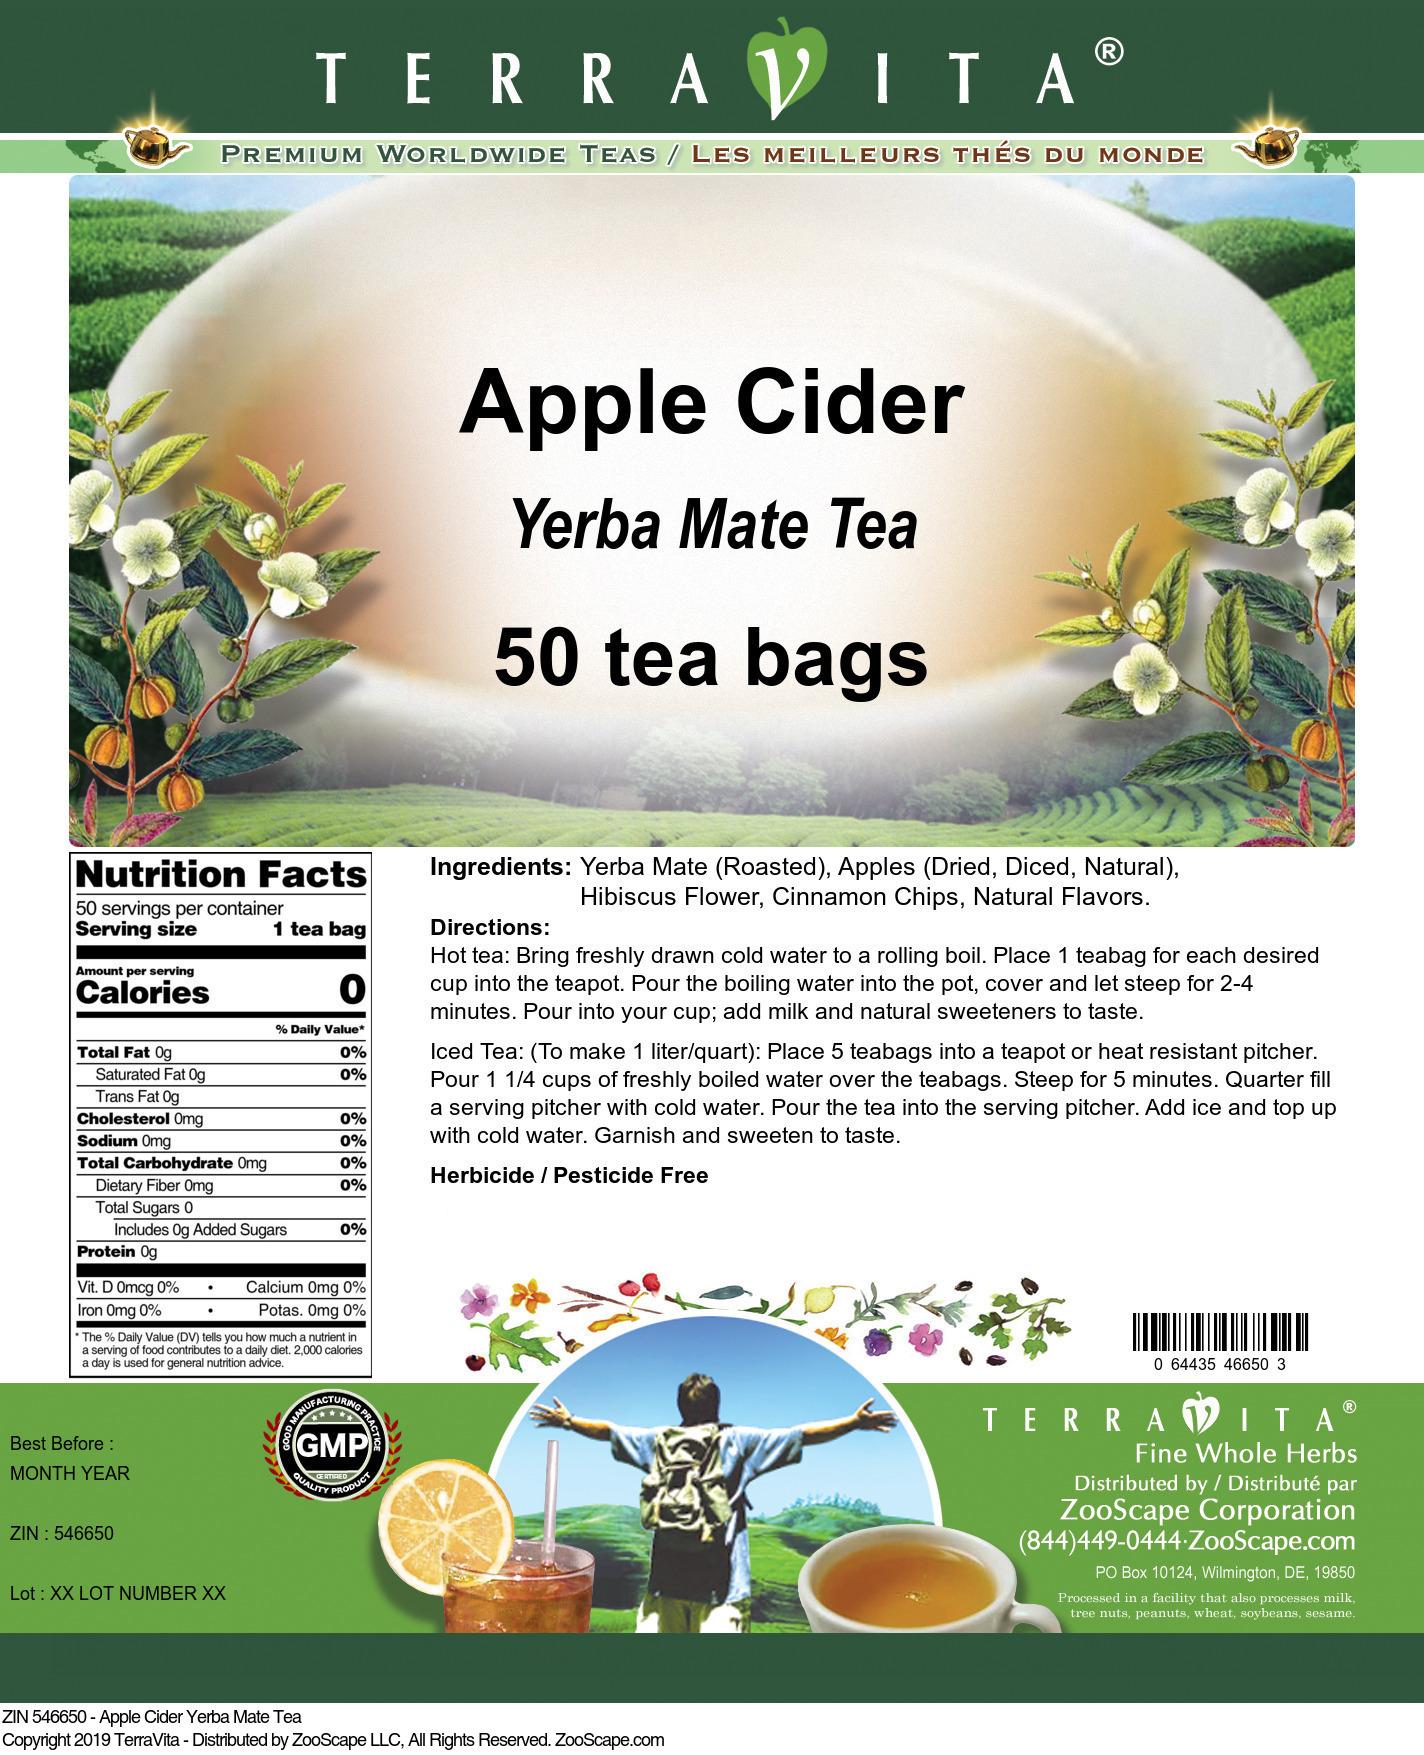 Apple Cider Yerba Mate